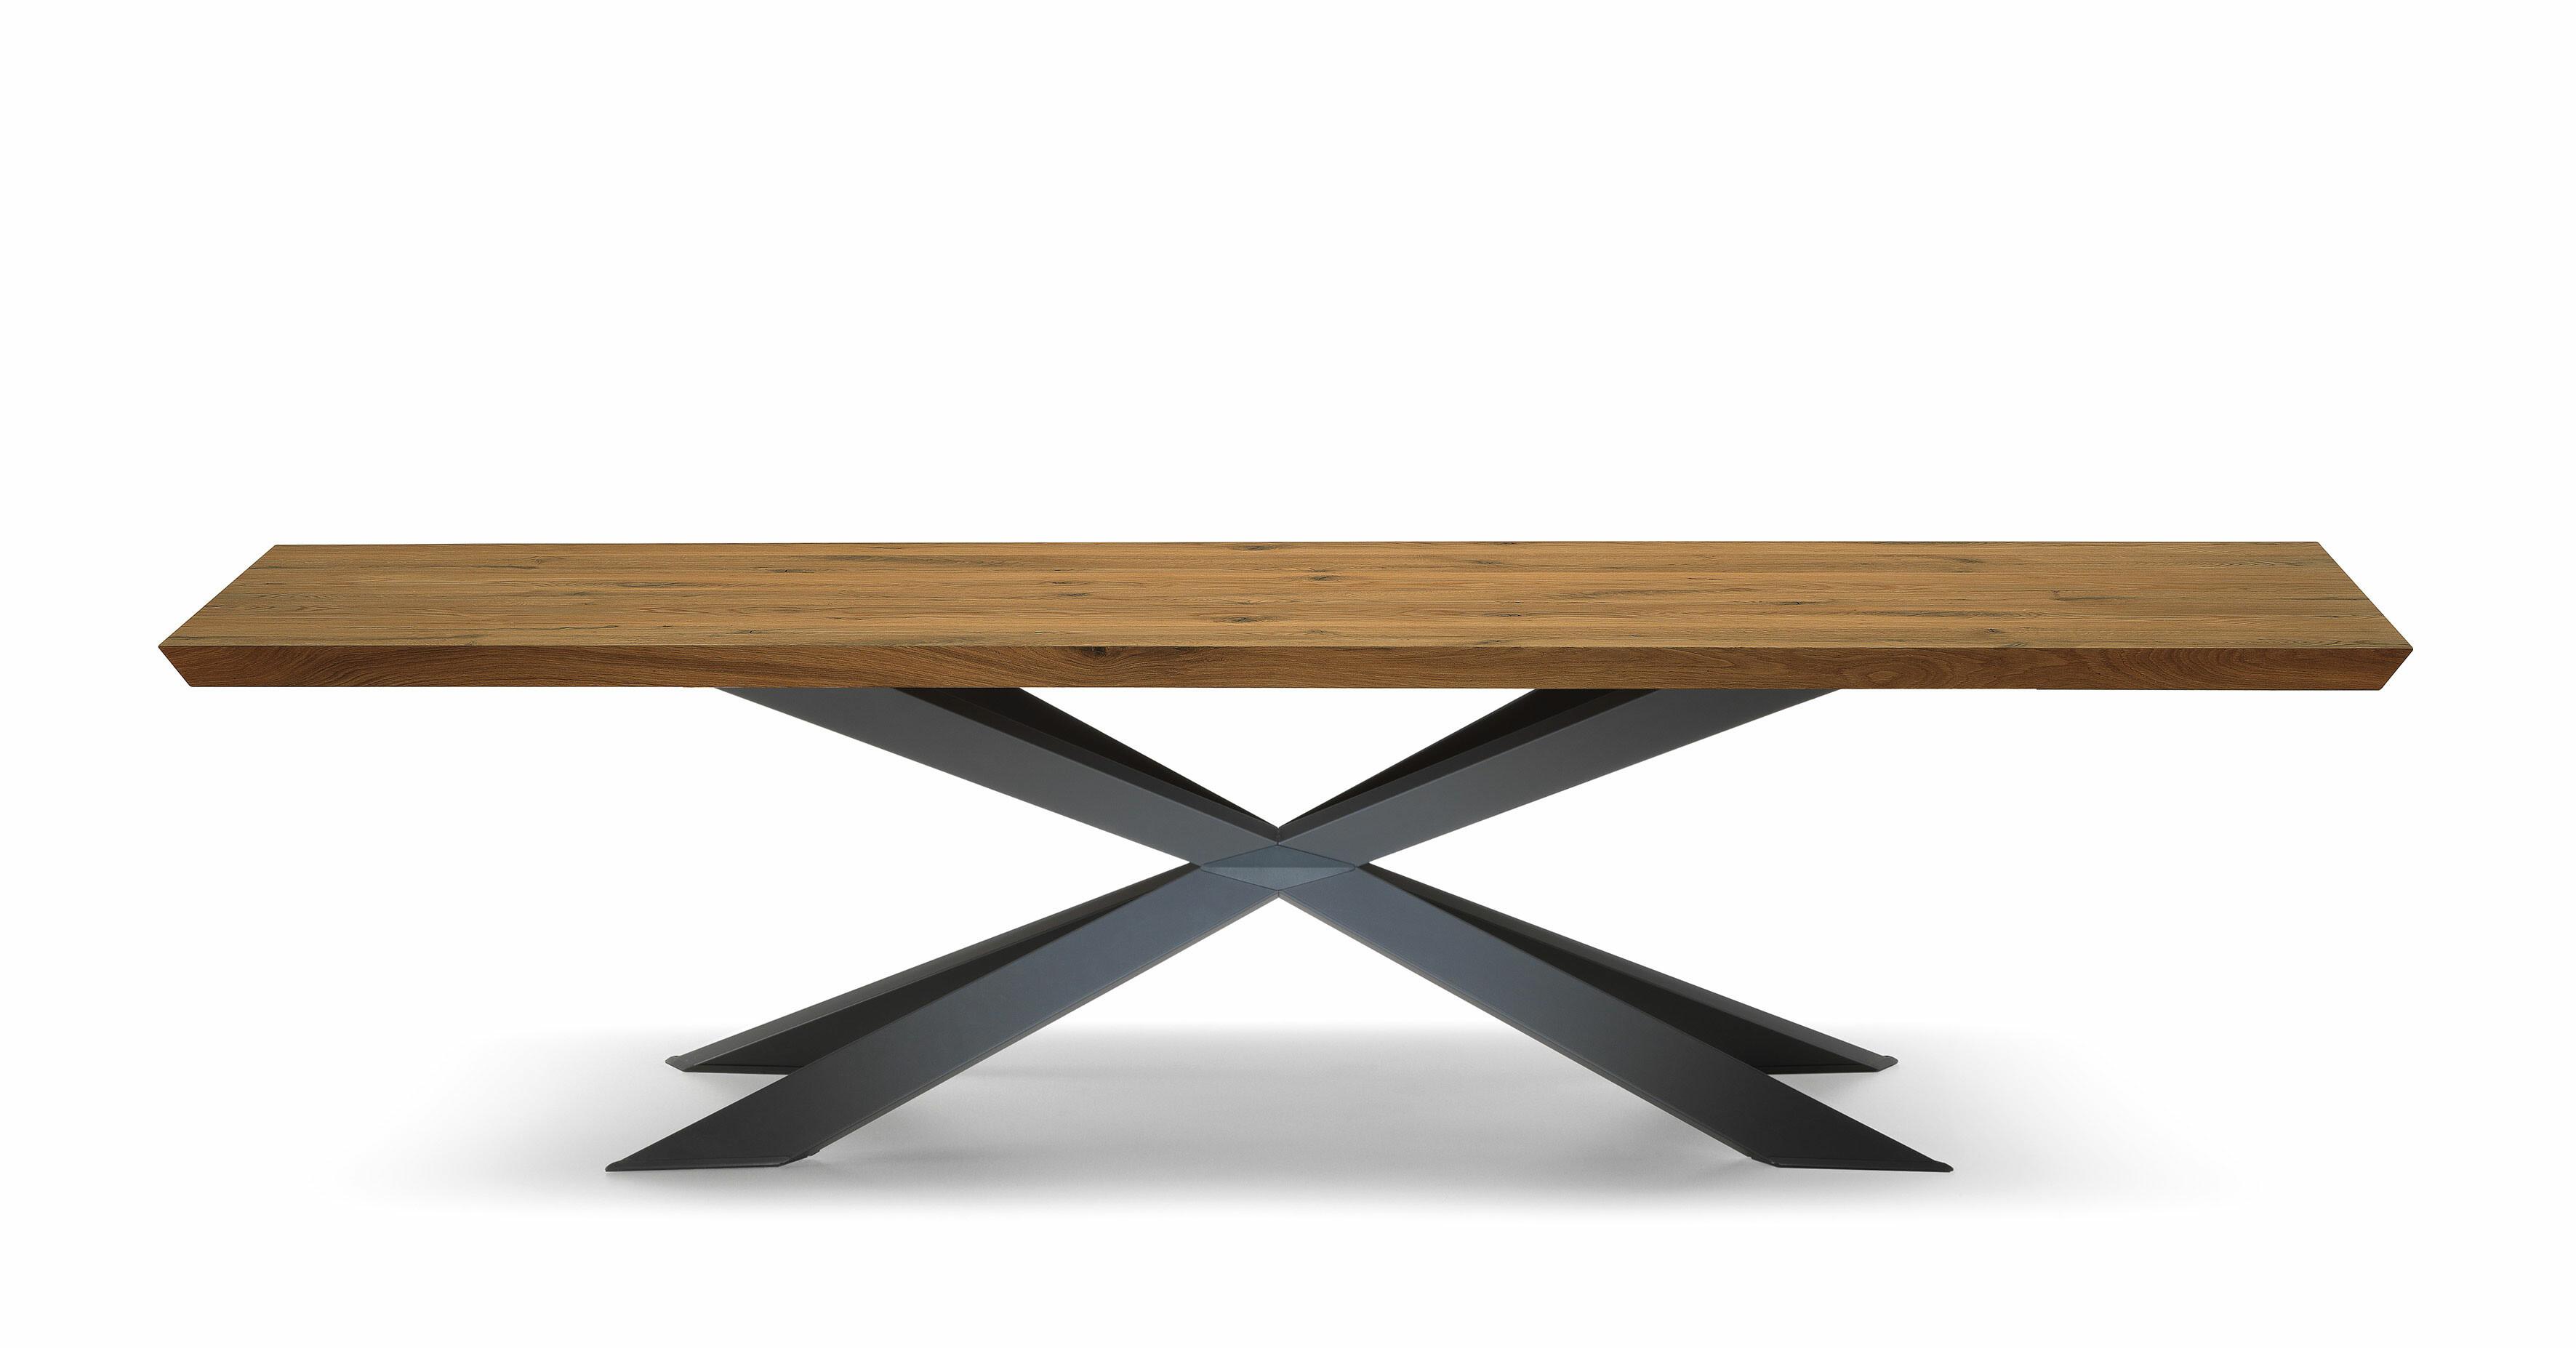 Esstisch Cattelan Spyder Wood 07